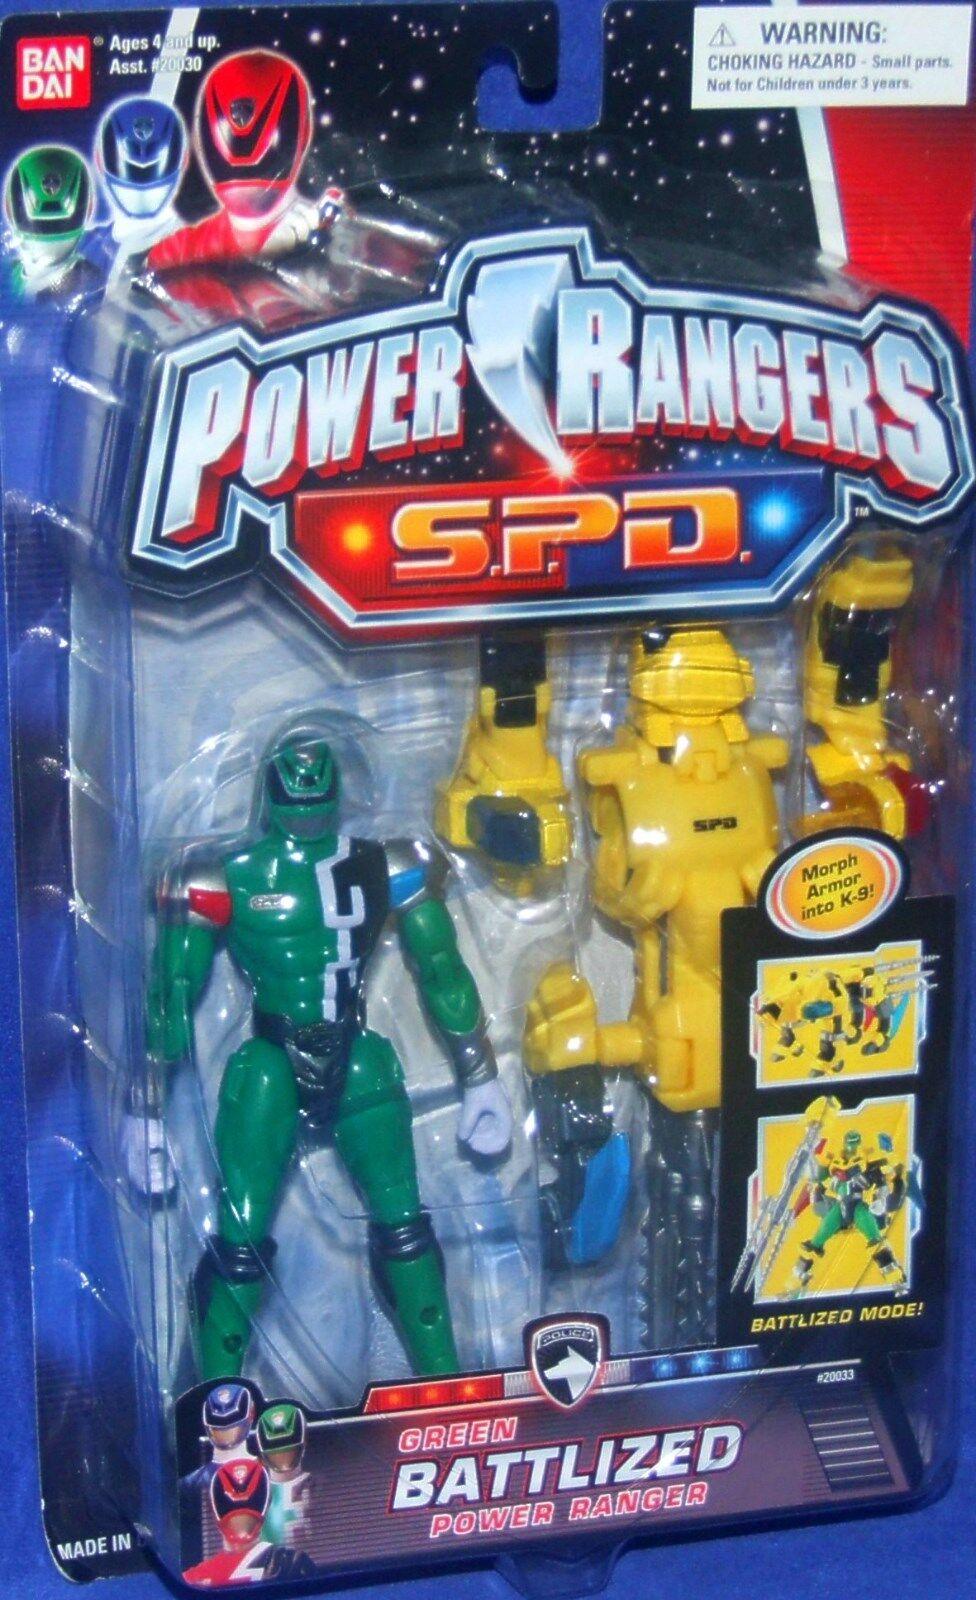 Power Rangers SPD 6  GREEN BATTLIZED Power Ranger New K-9 Factory Sealed 2004